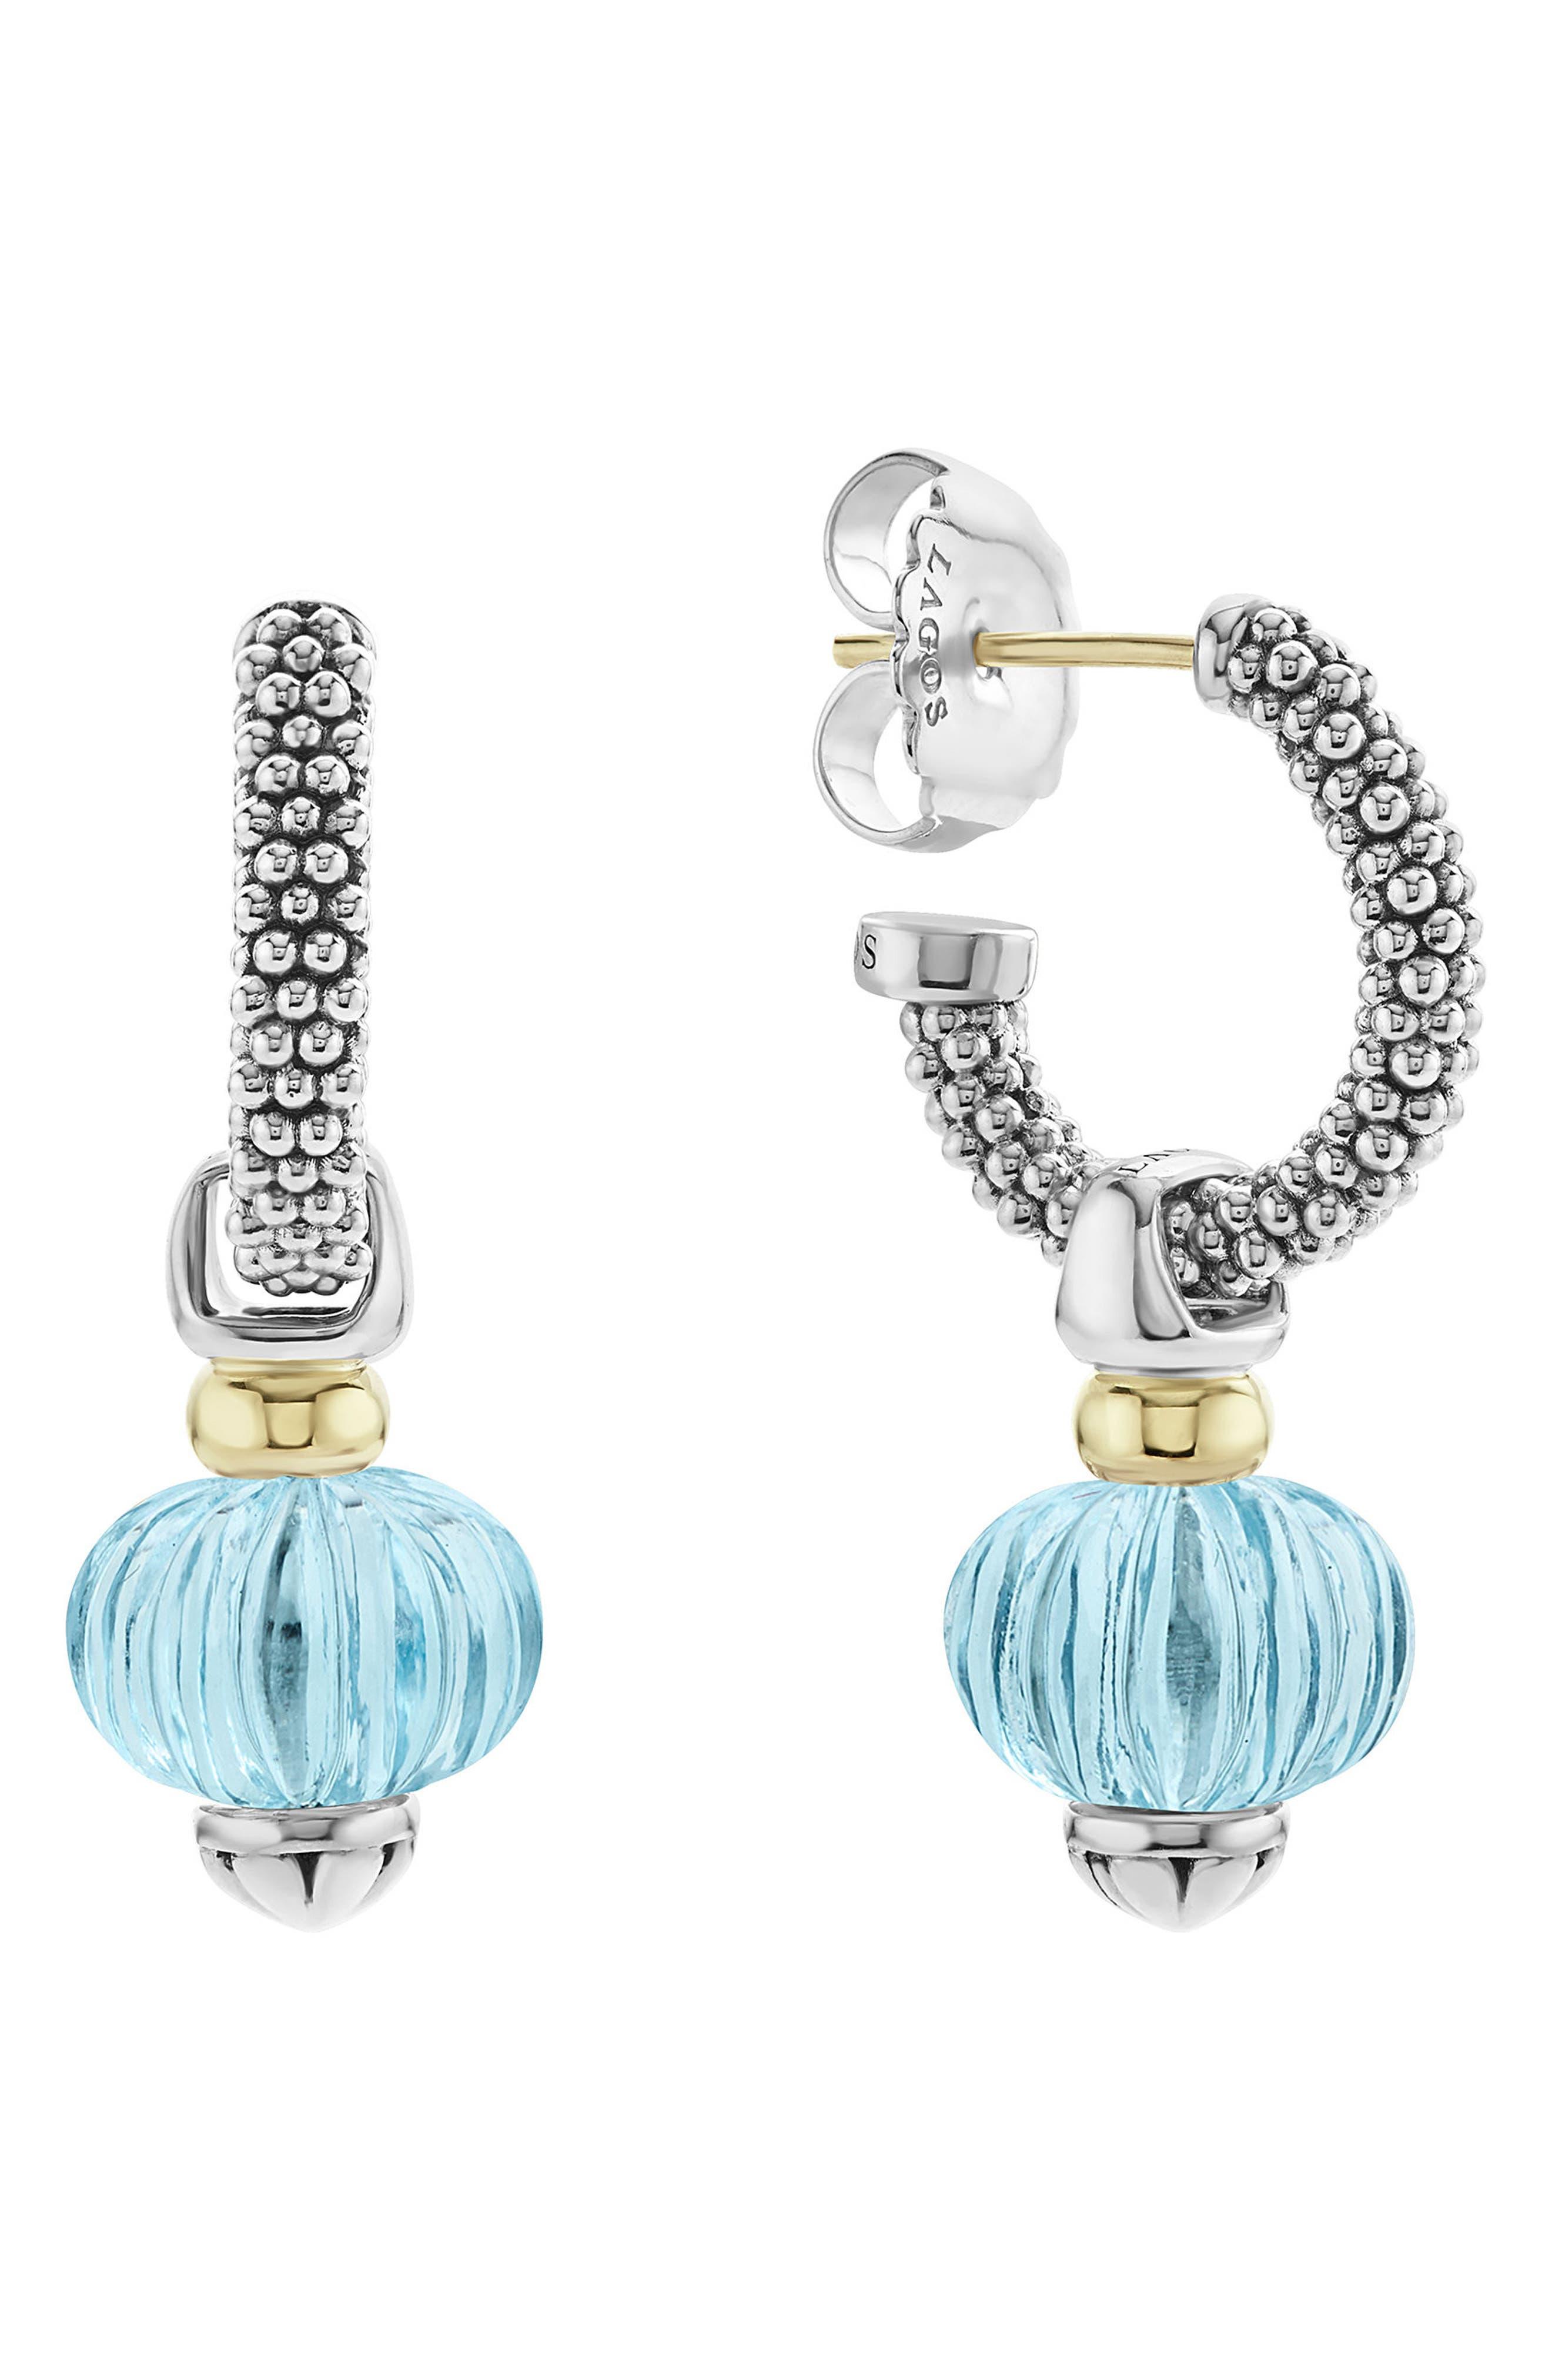 Caviar Forever Melon Bead Charm Earrings,                             Main thumbnail 1, color,                             Silver/ Sky Blue Topaz